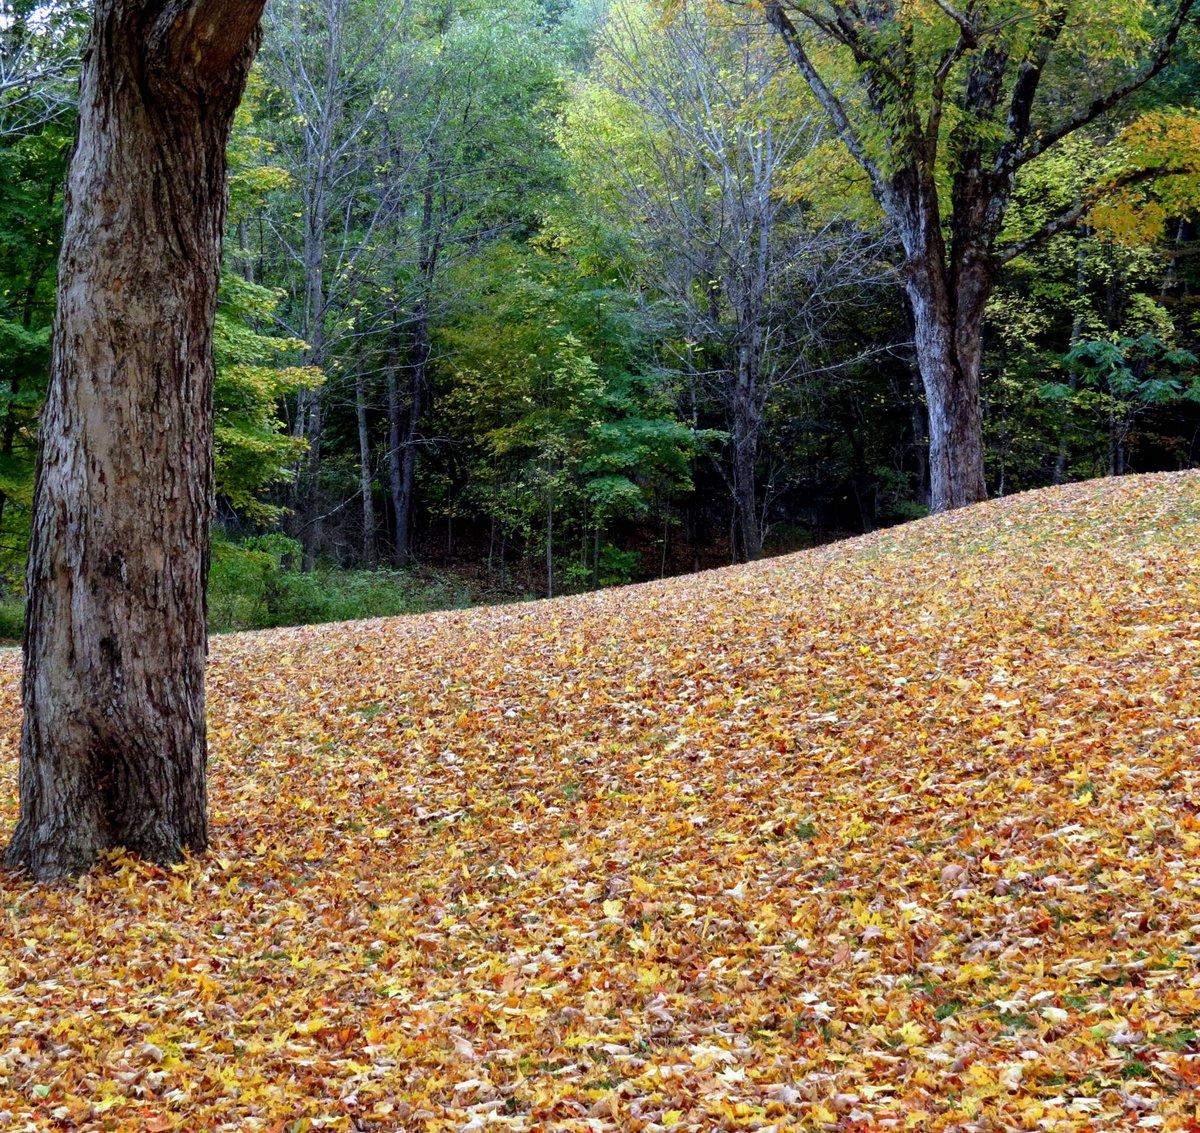 15. Fallen Leaves